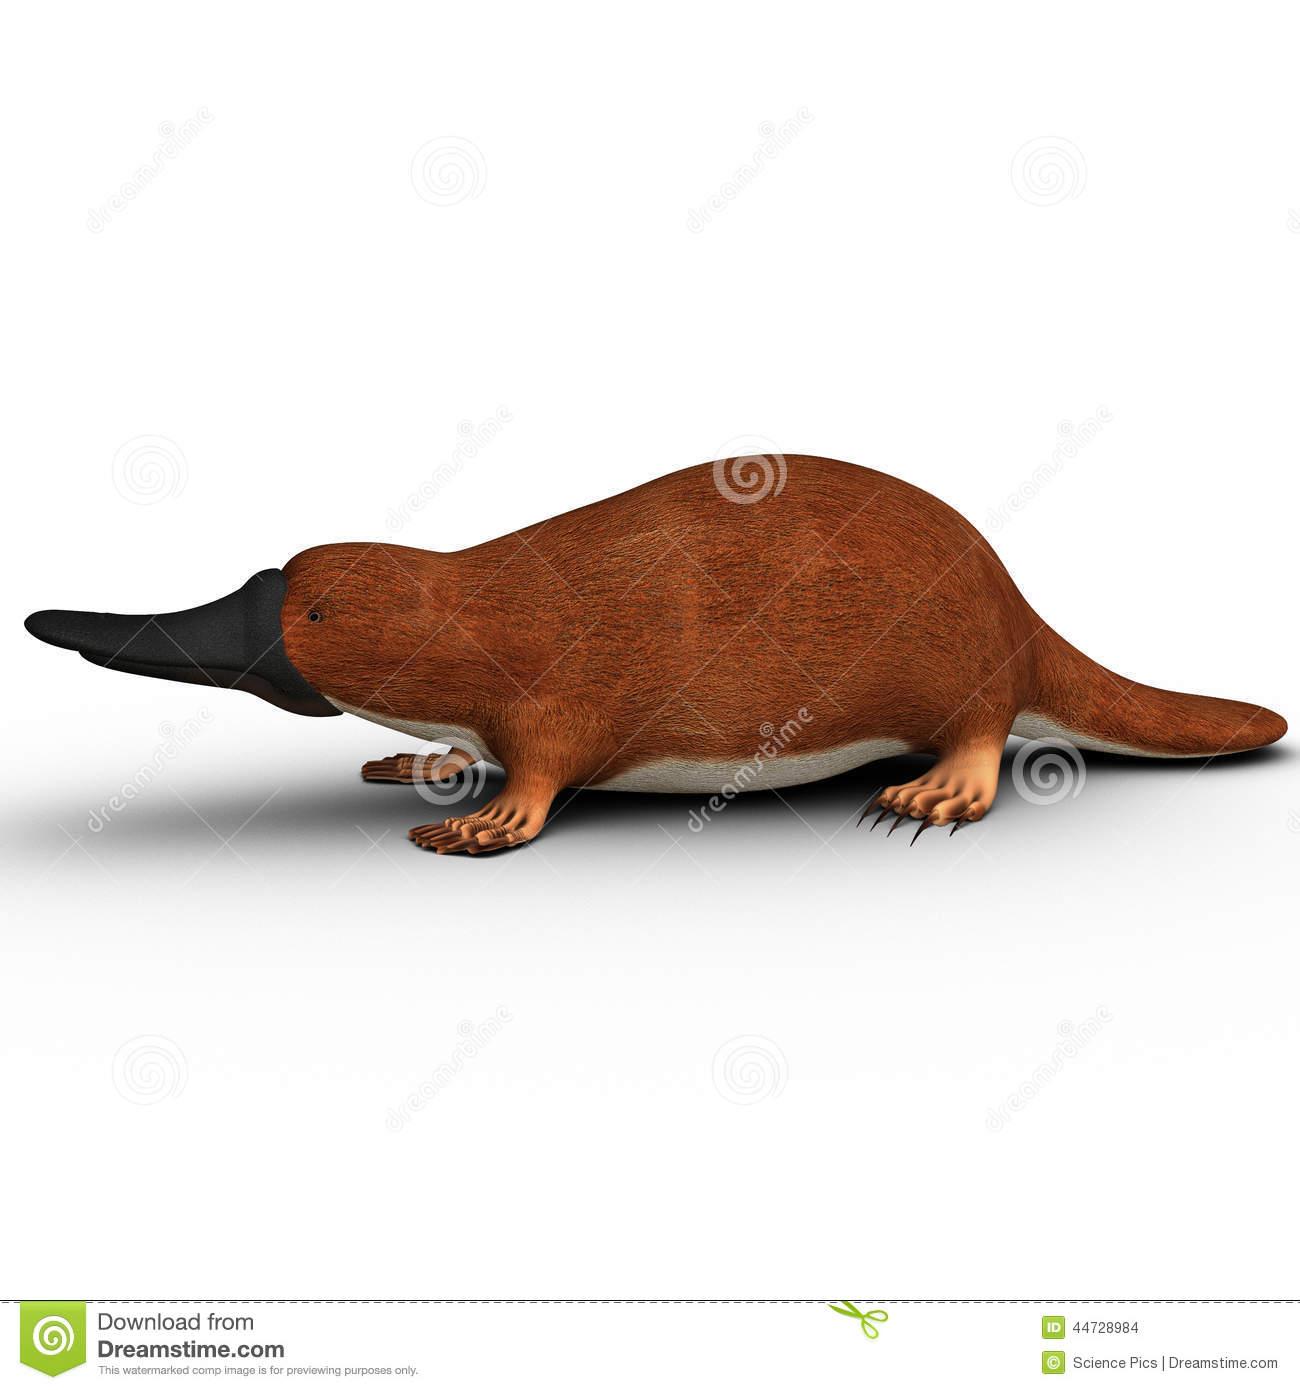 Duck billed platypus clipart.